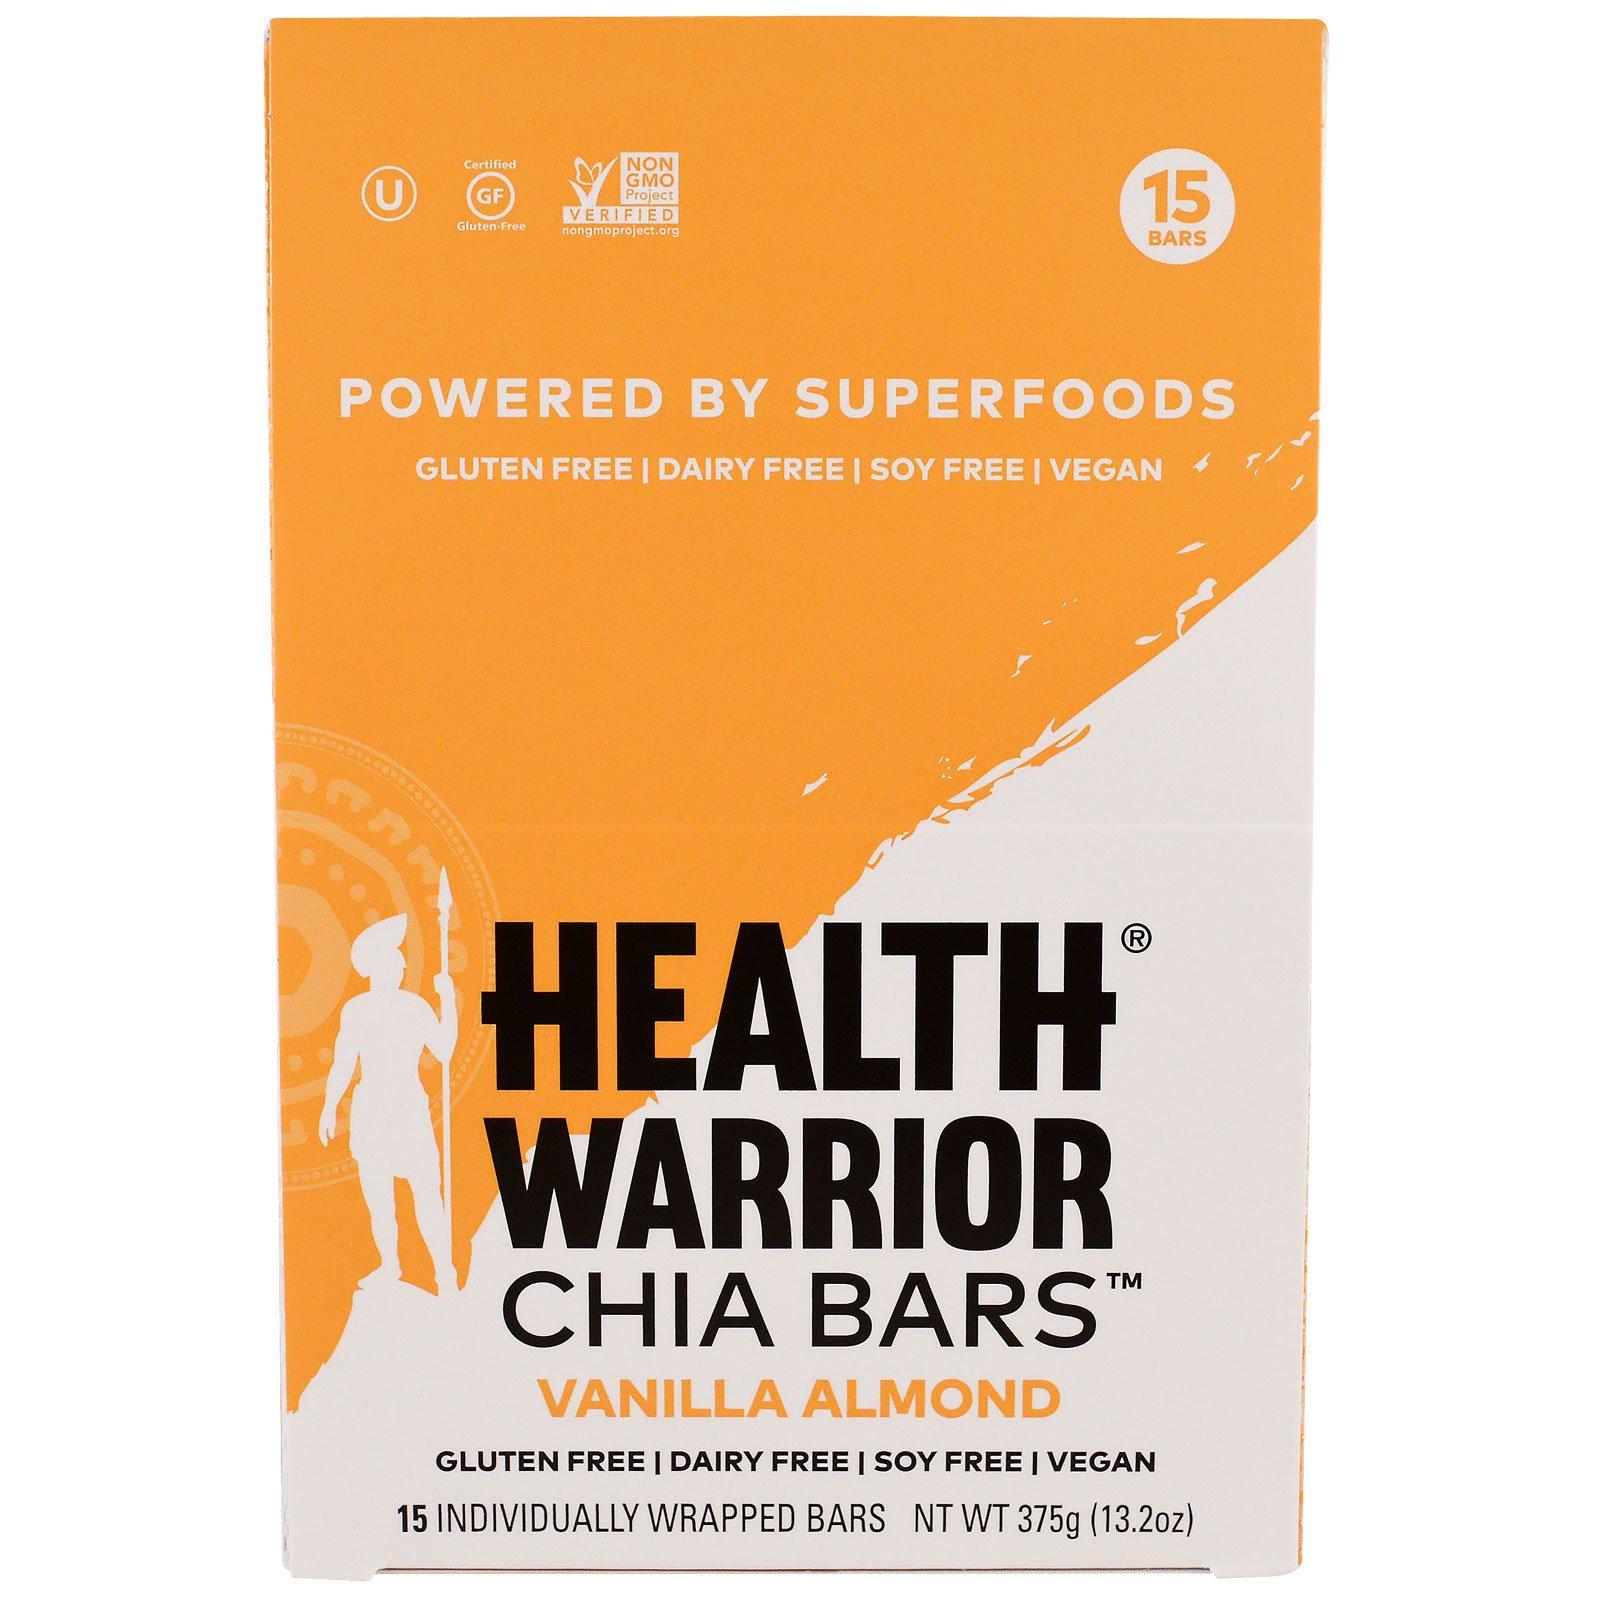 Health Warrior, Inc., Батончики из чиа, ваниль-миндаль, 15 батончиков, 13.2 унции (375 г)